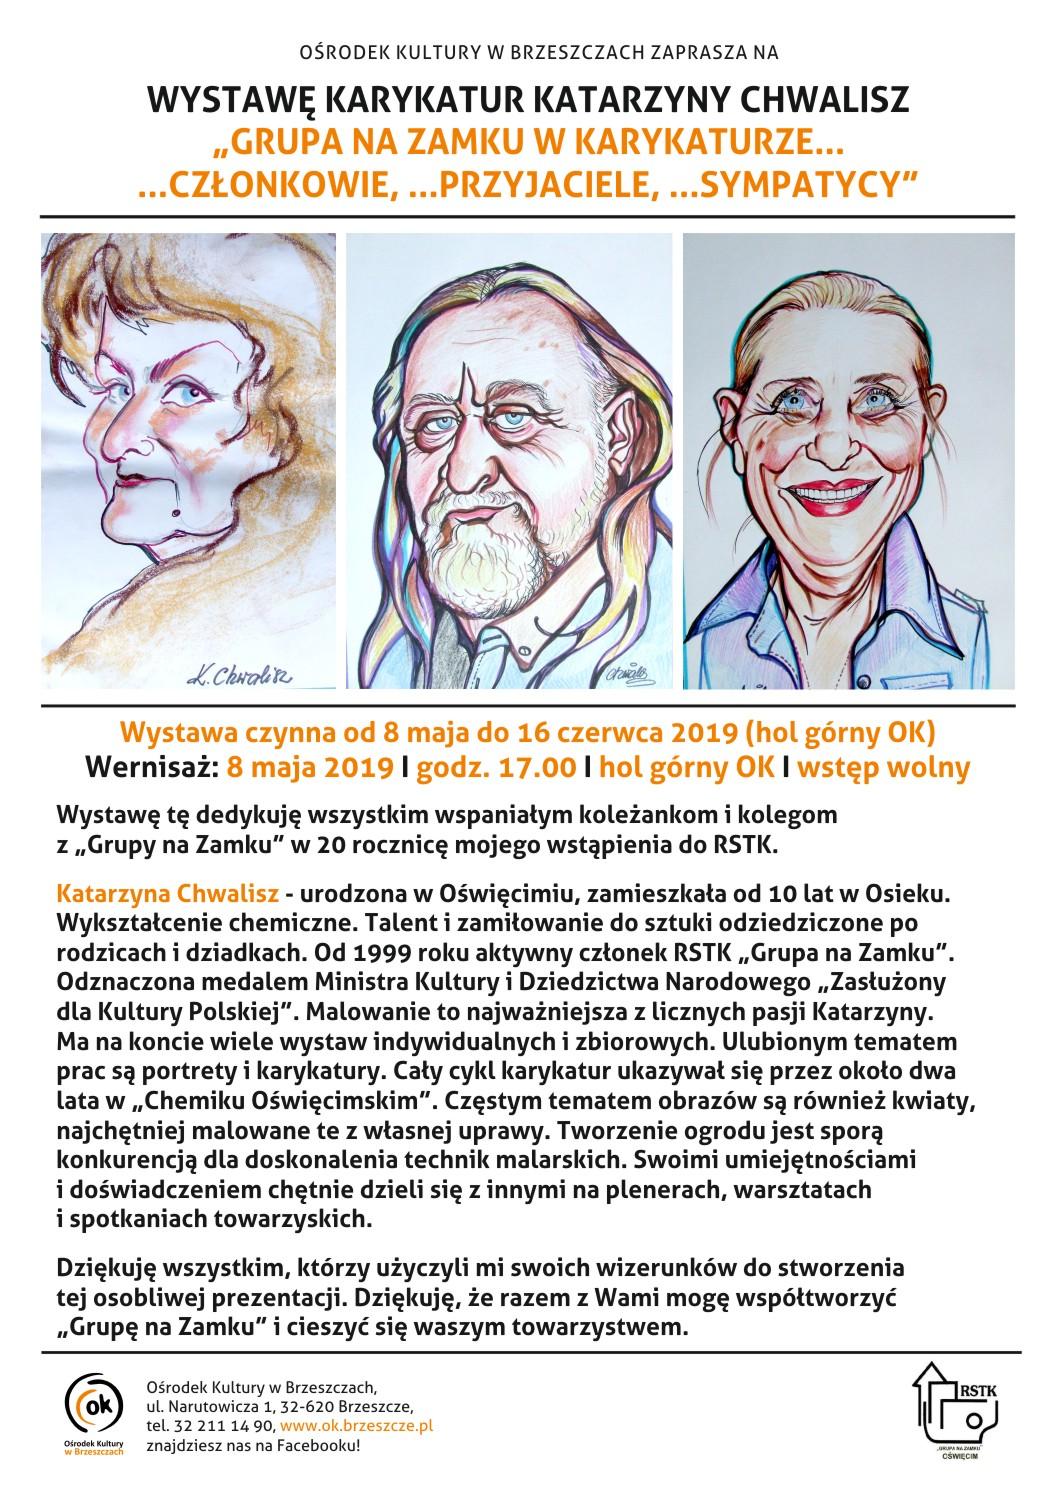 Wystawa Karykatur Katarzyny Chwalisz